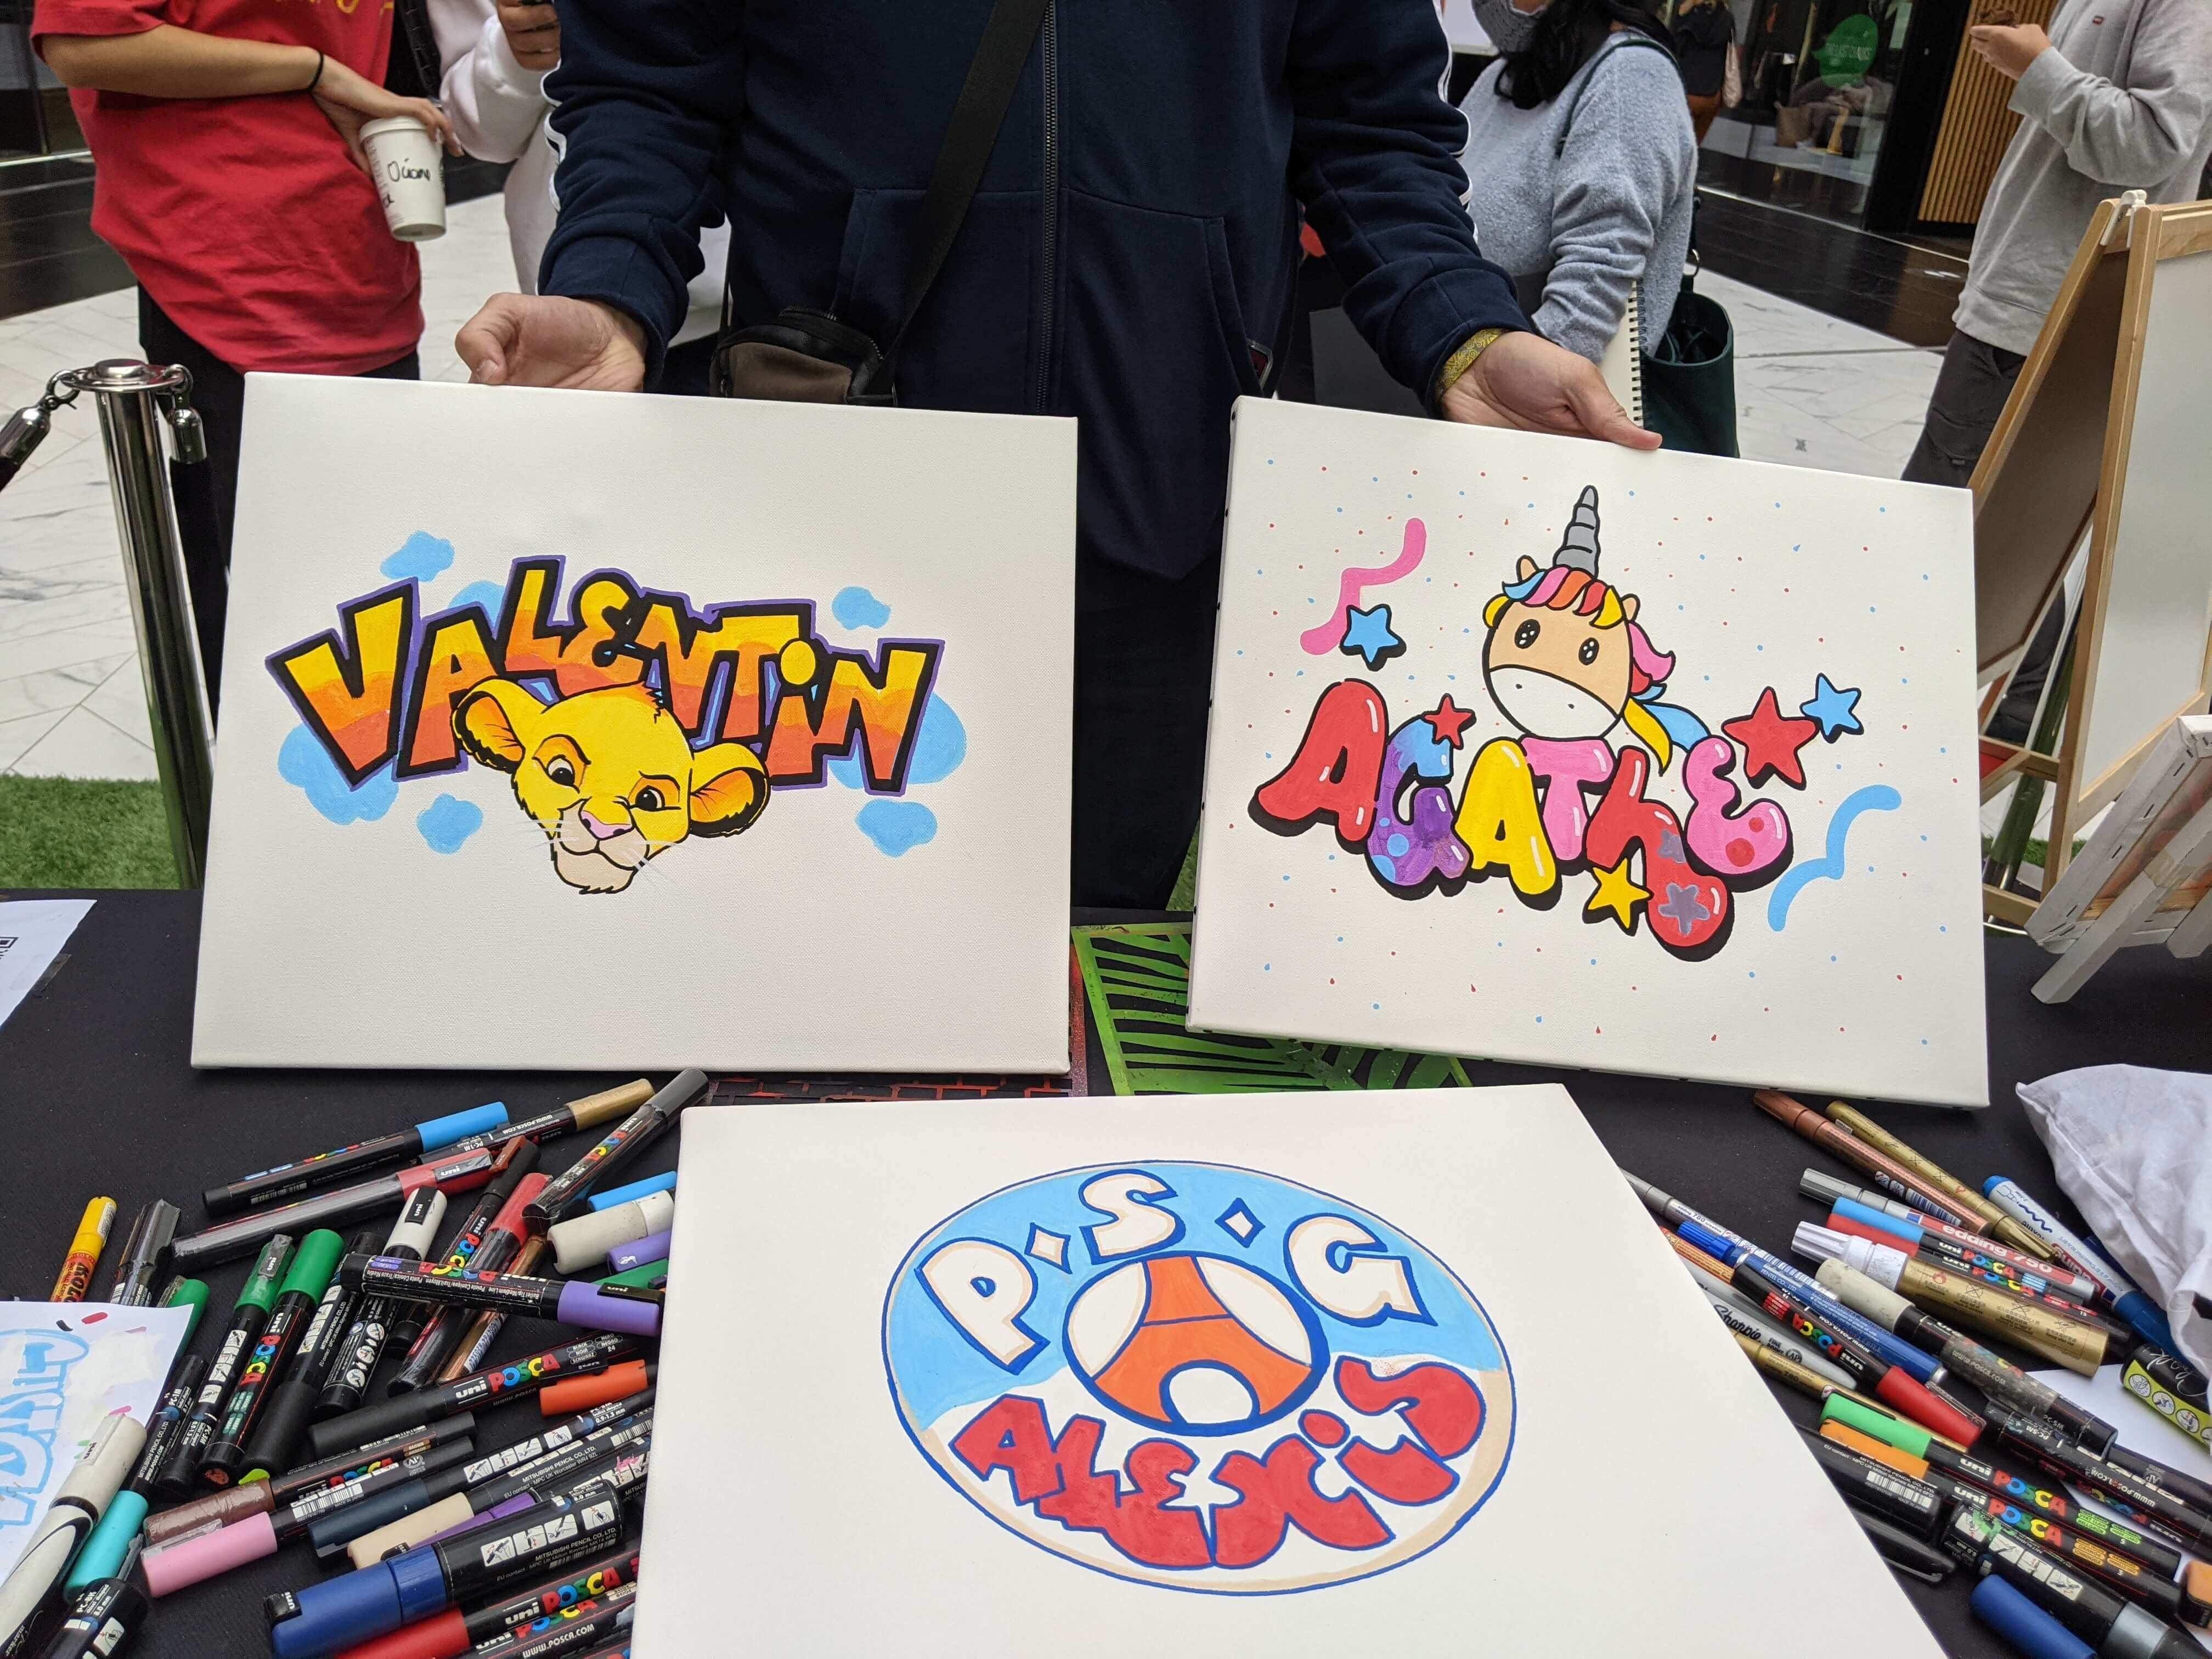 Personnalisation de minis toiles par des artistes graffeurs